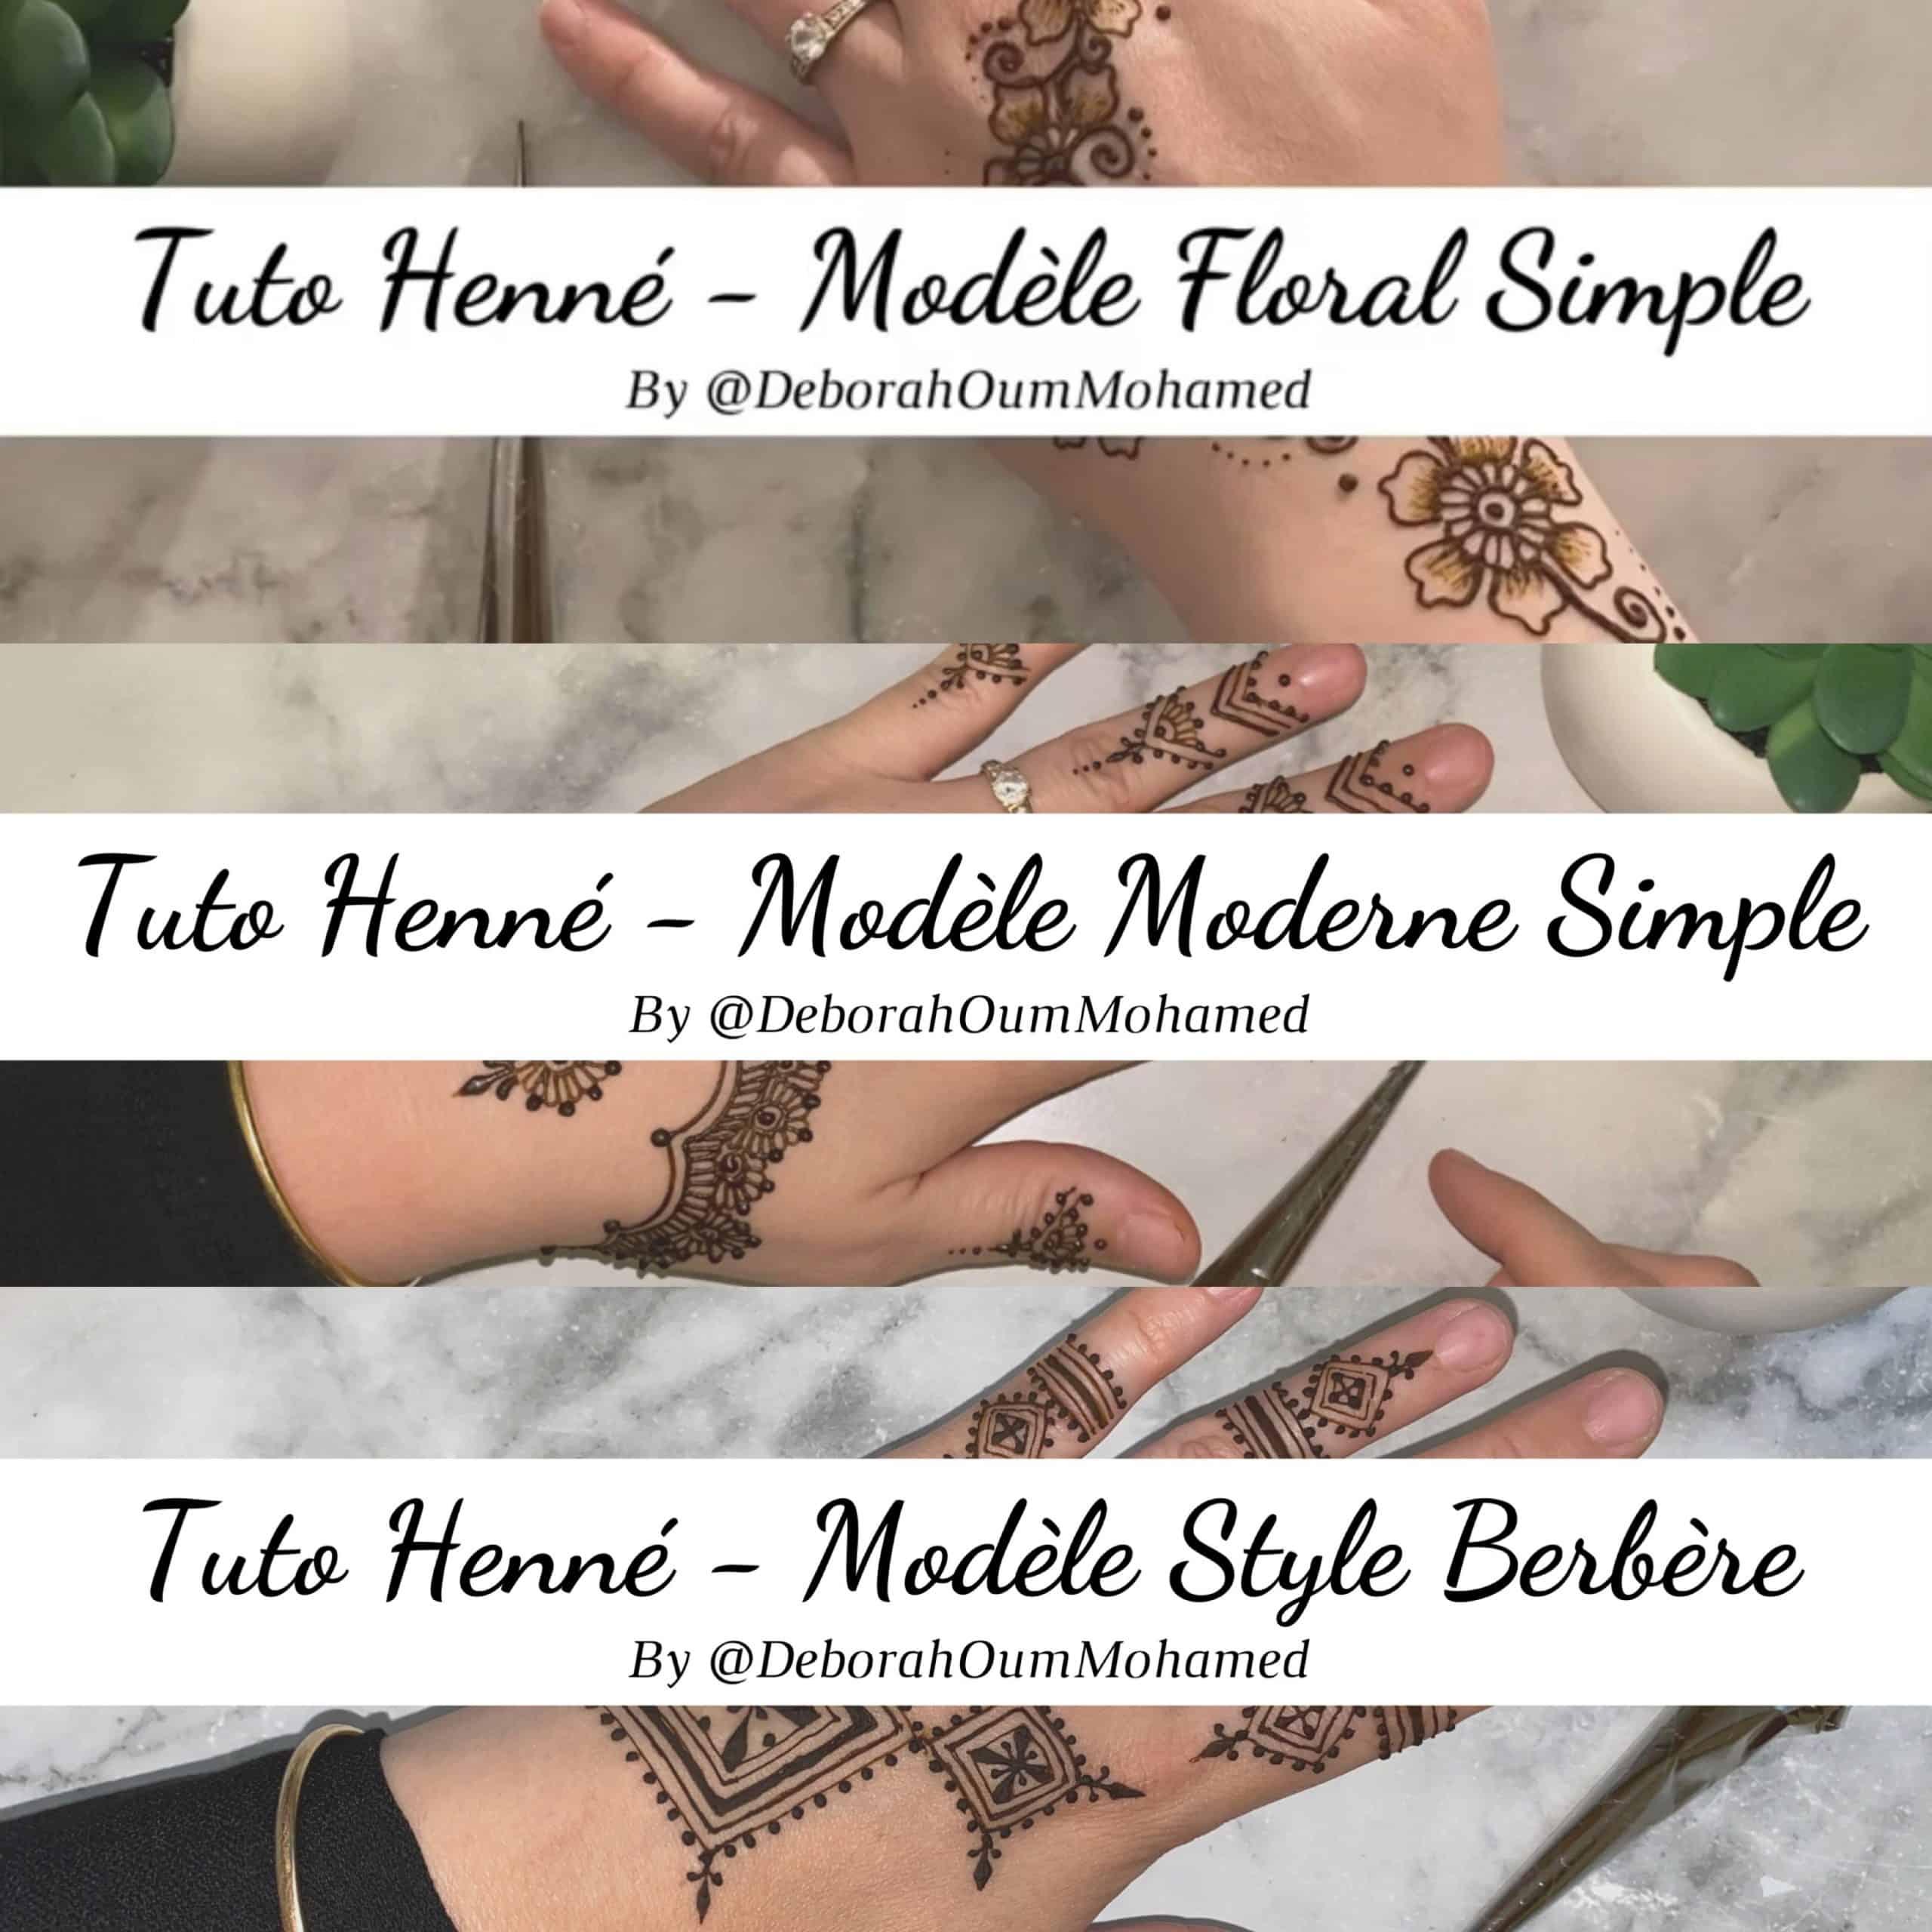 3 tutos henné accessible à toutes.